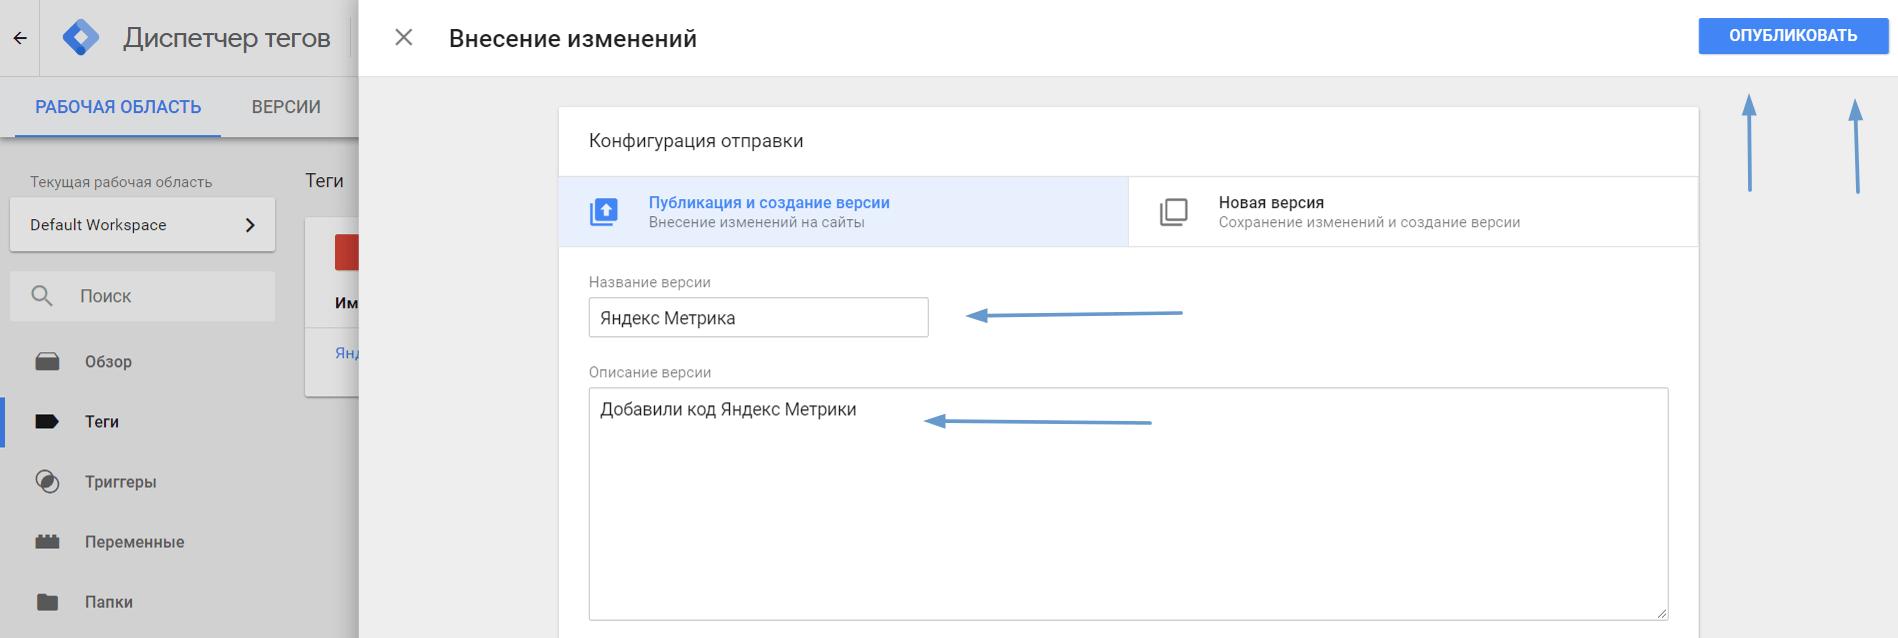 screenshot15 - Яндекс Метрика через Google Tag Manager